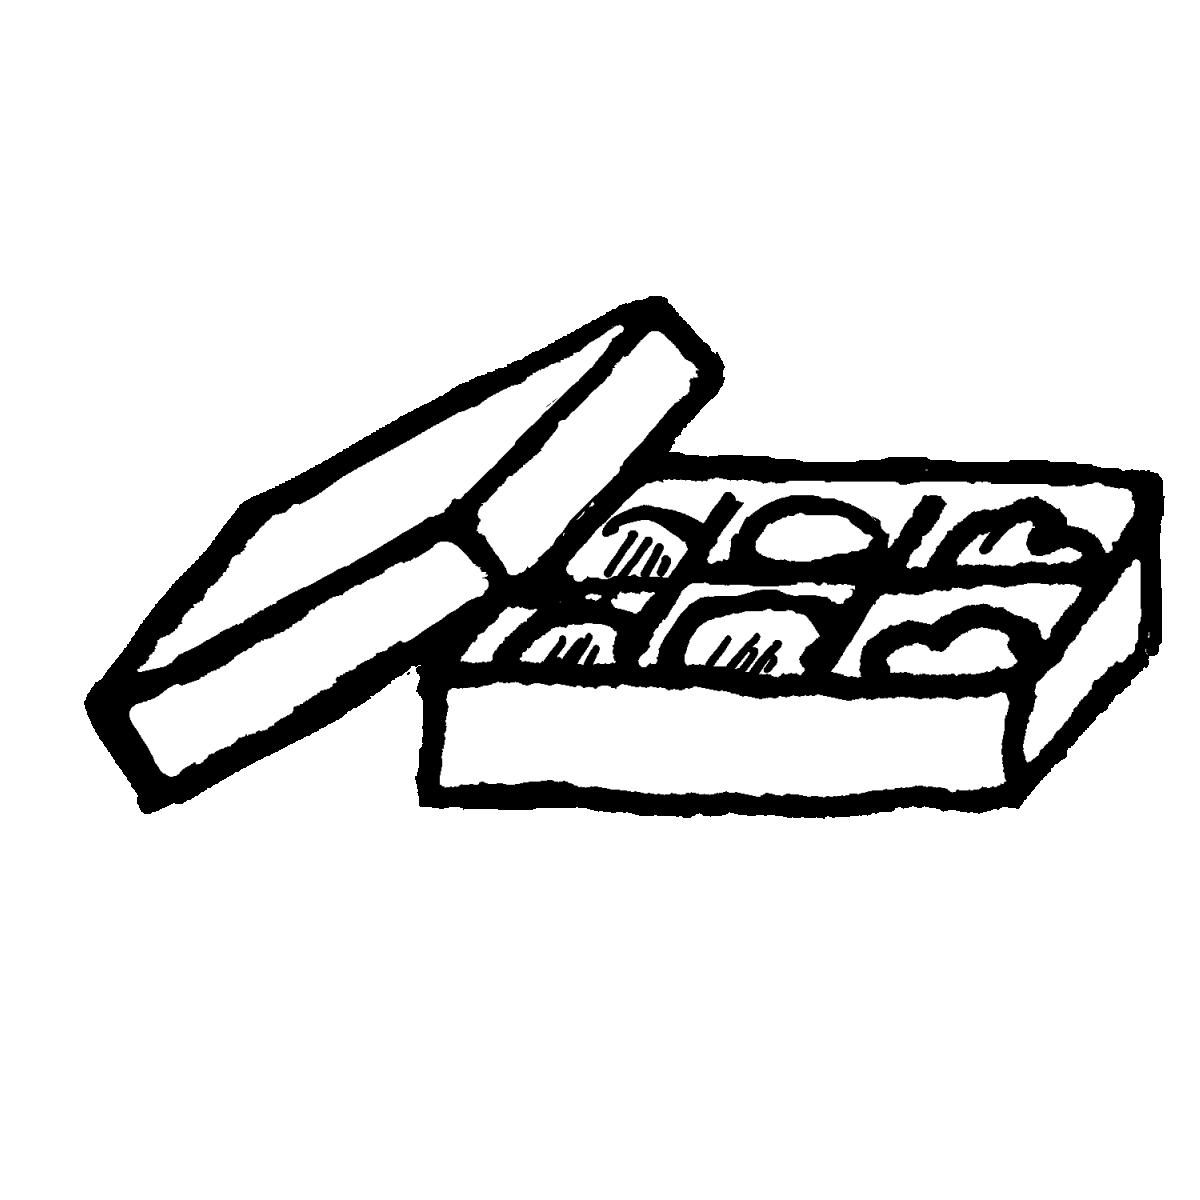 箱入り BOXチョコレートのイラスト / Boxed chocolate Illustration